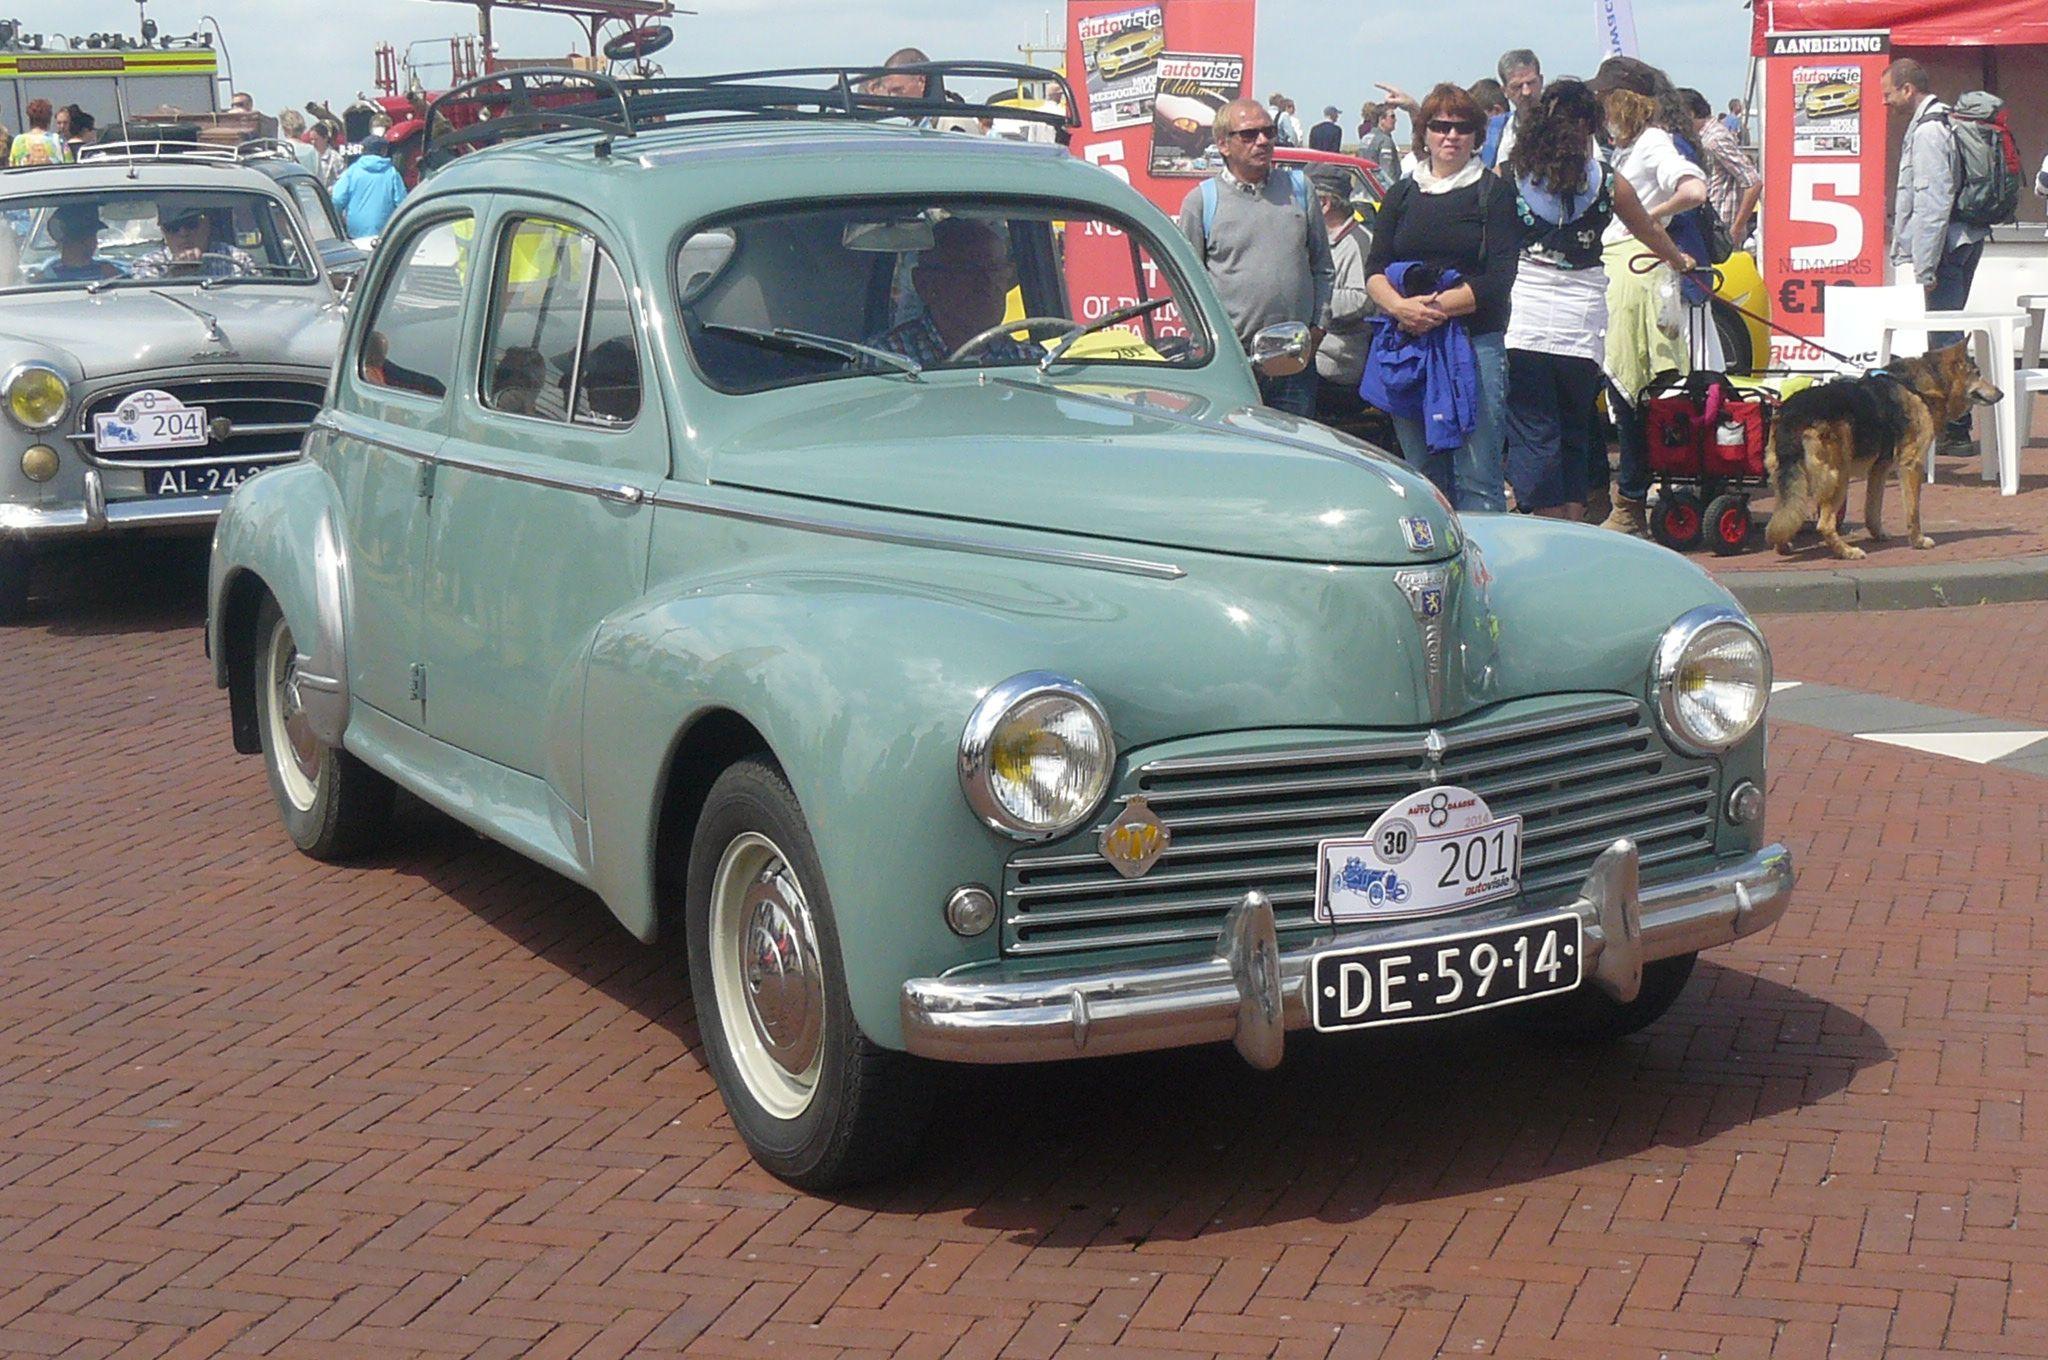 1958 peugeot 203 c front side peugeot 203c dreamz pinterest quatre roues voitures et. Black Bedroom Furniture Sets. Home Design Ideas